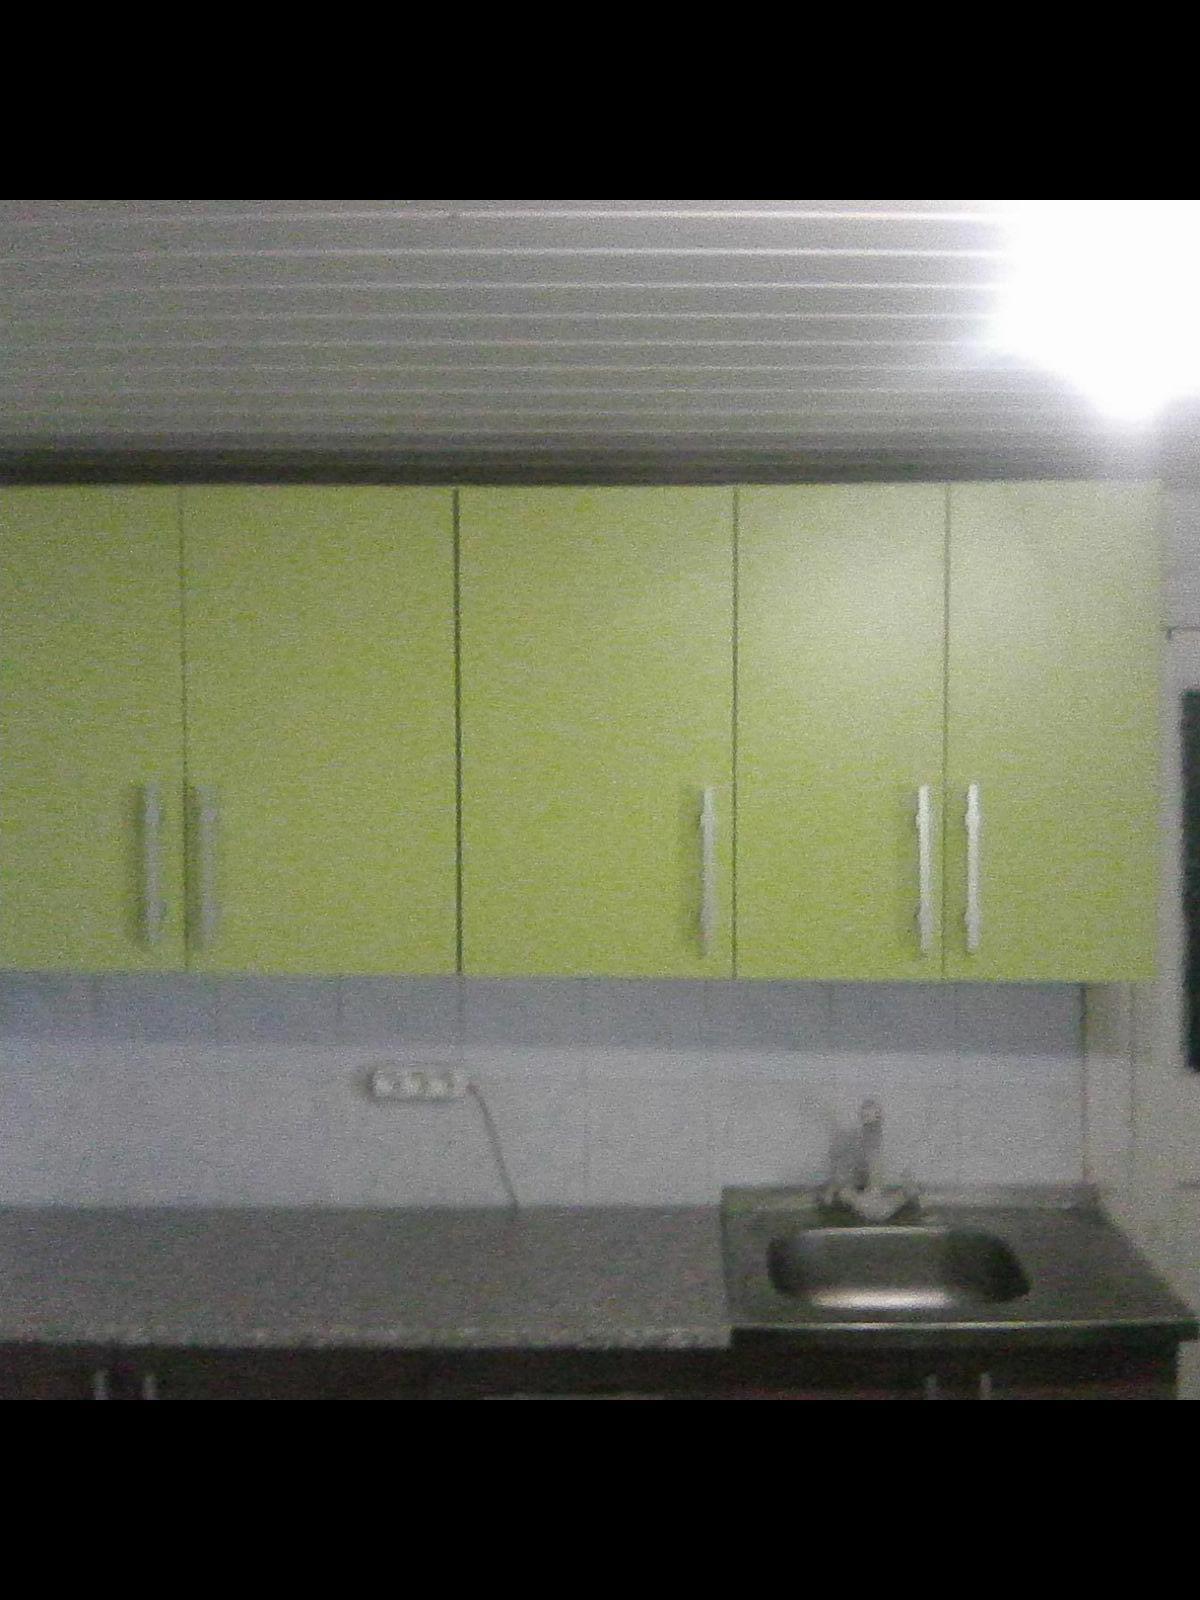 Фото Сборка кухонного набора и закрепление шкафчиков на стене